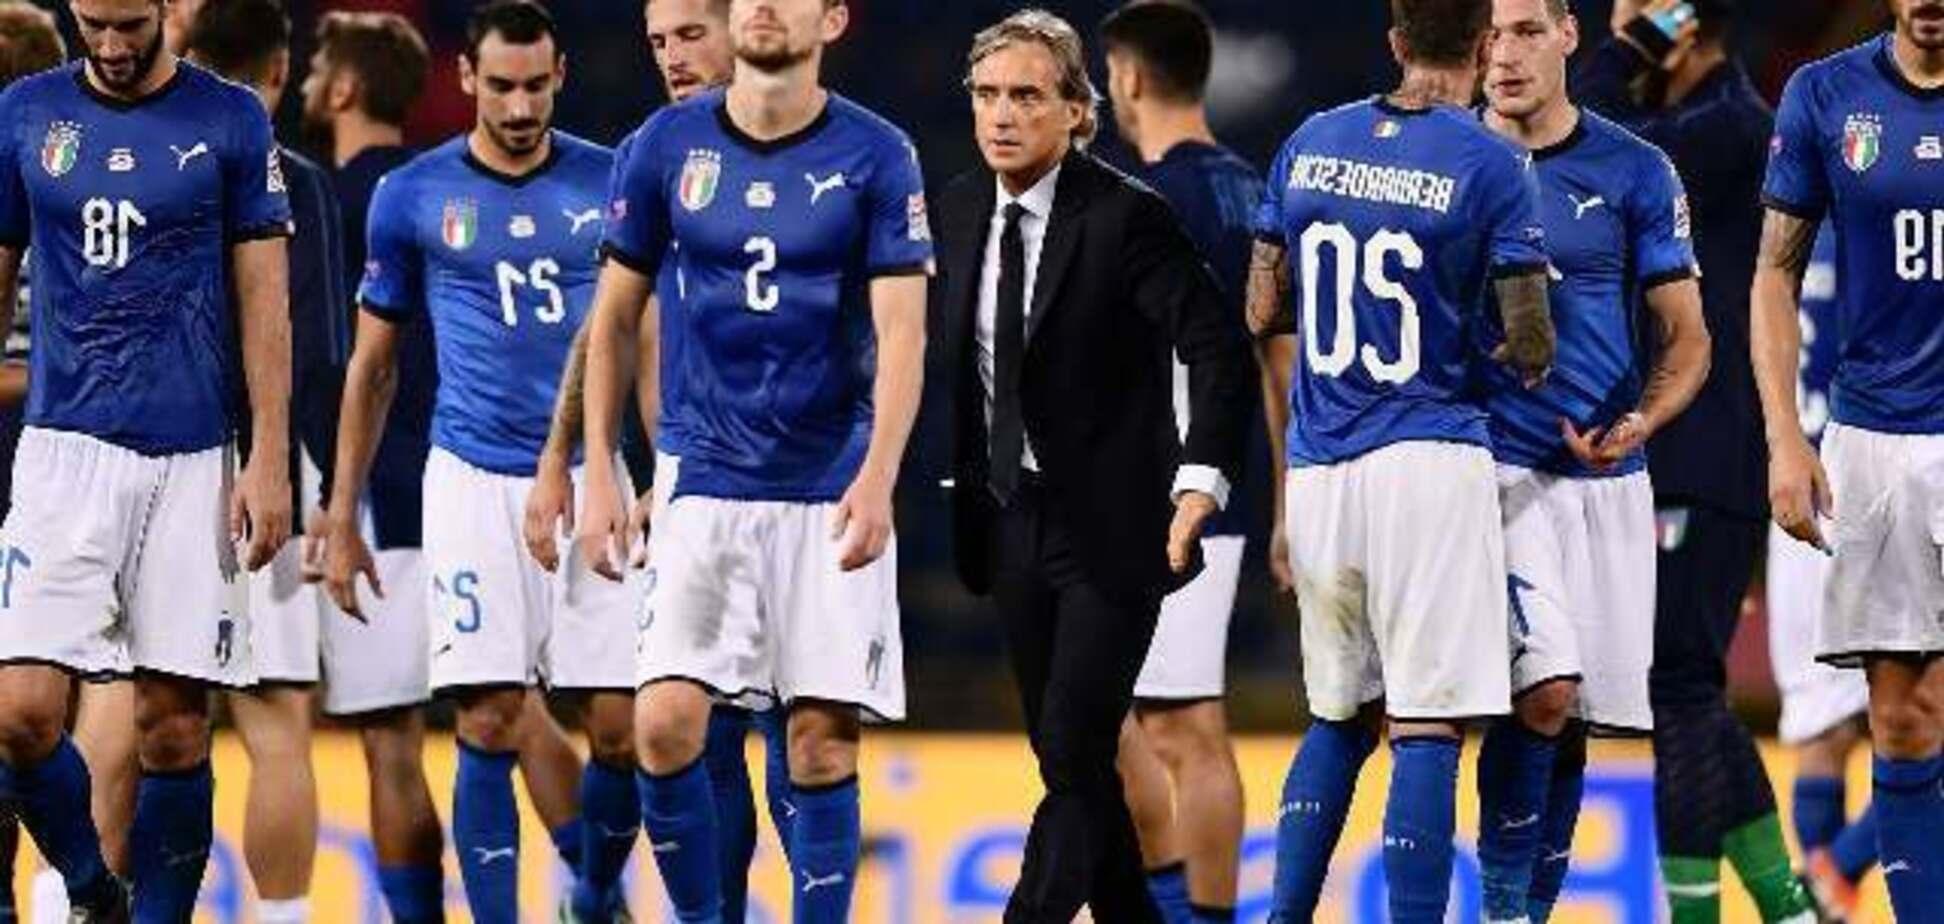 'Будуть грати кращі': тренер збірної Італії про матч із Україною